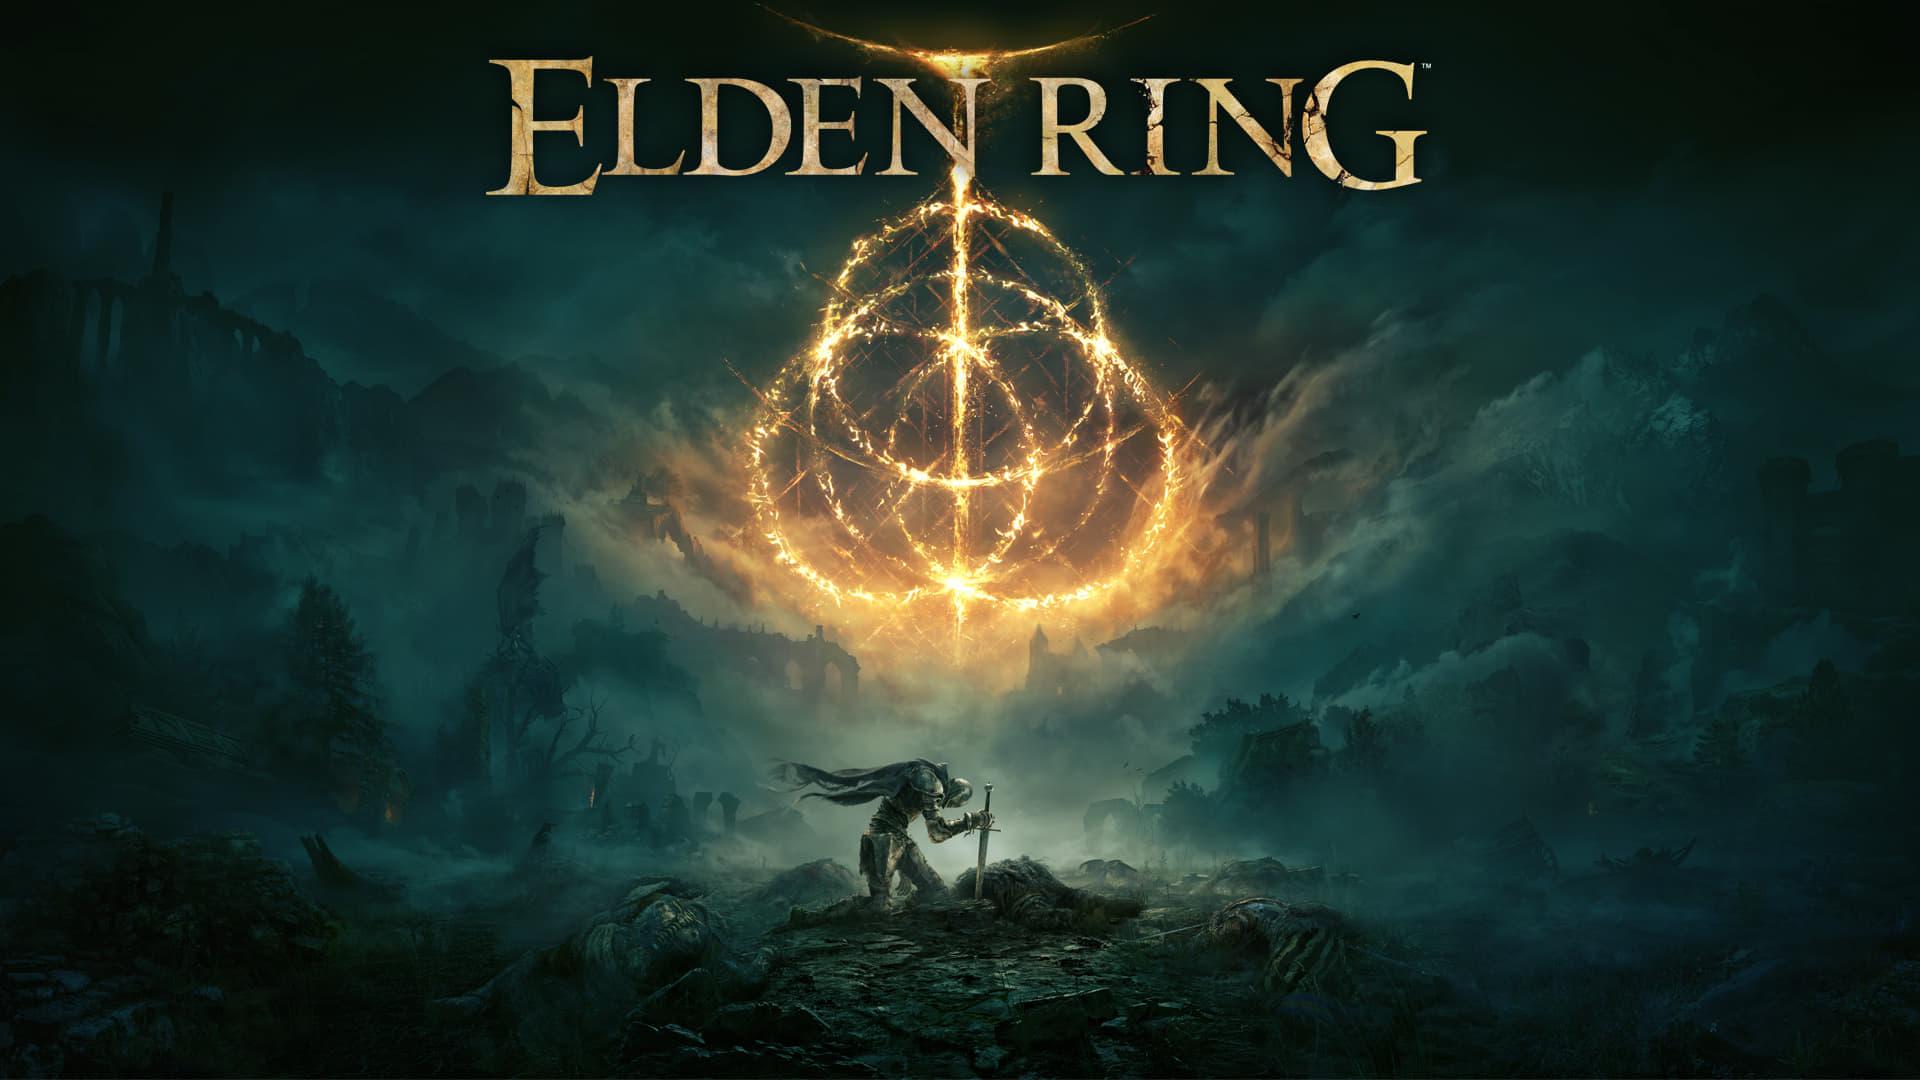 نگاهی بر ویژگیهایی که سبب تمایز بازی Elden Ring از سری Dark Souls میشوند